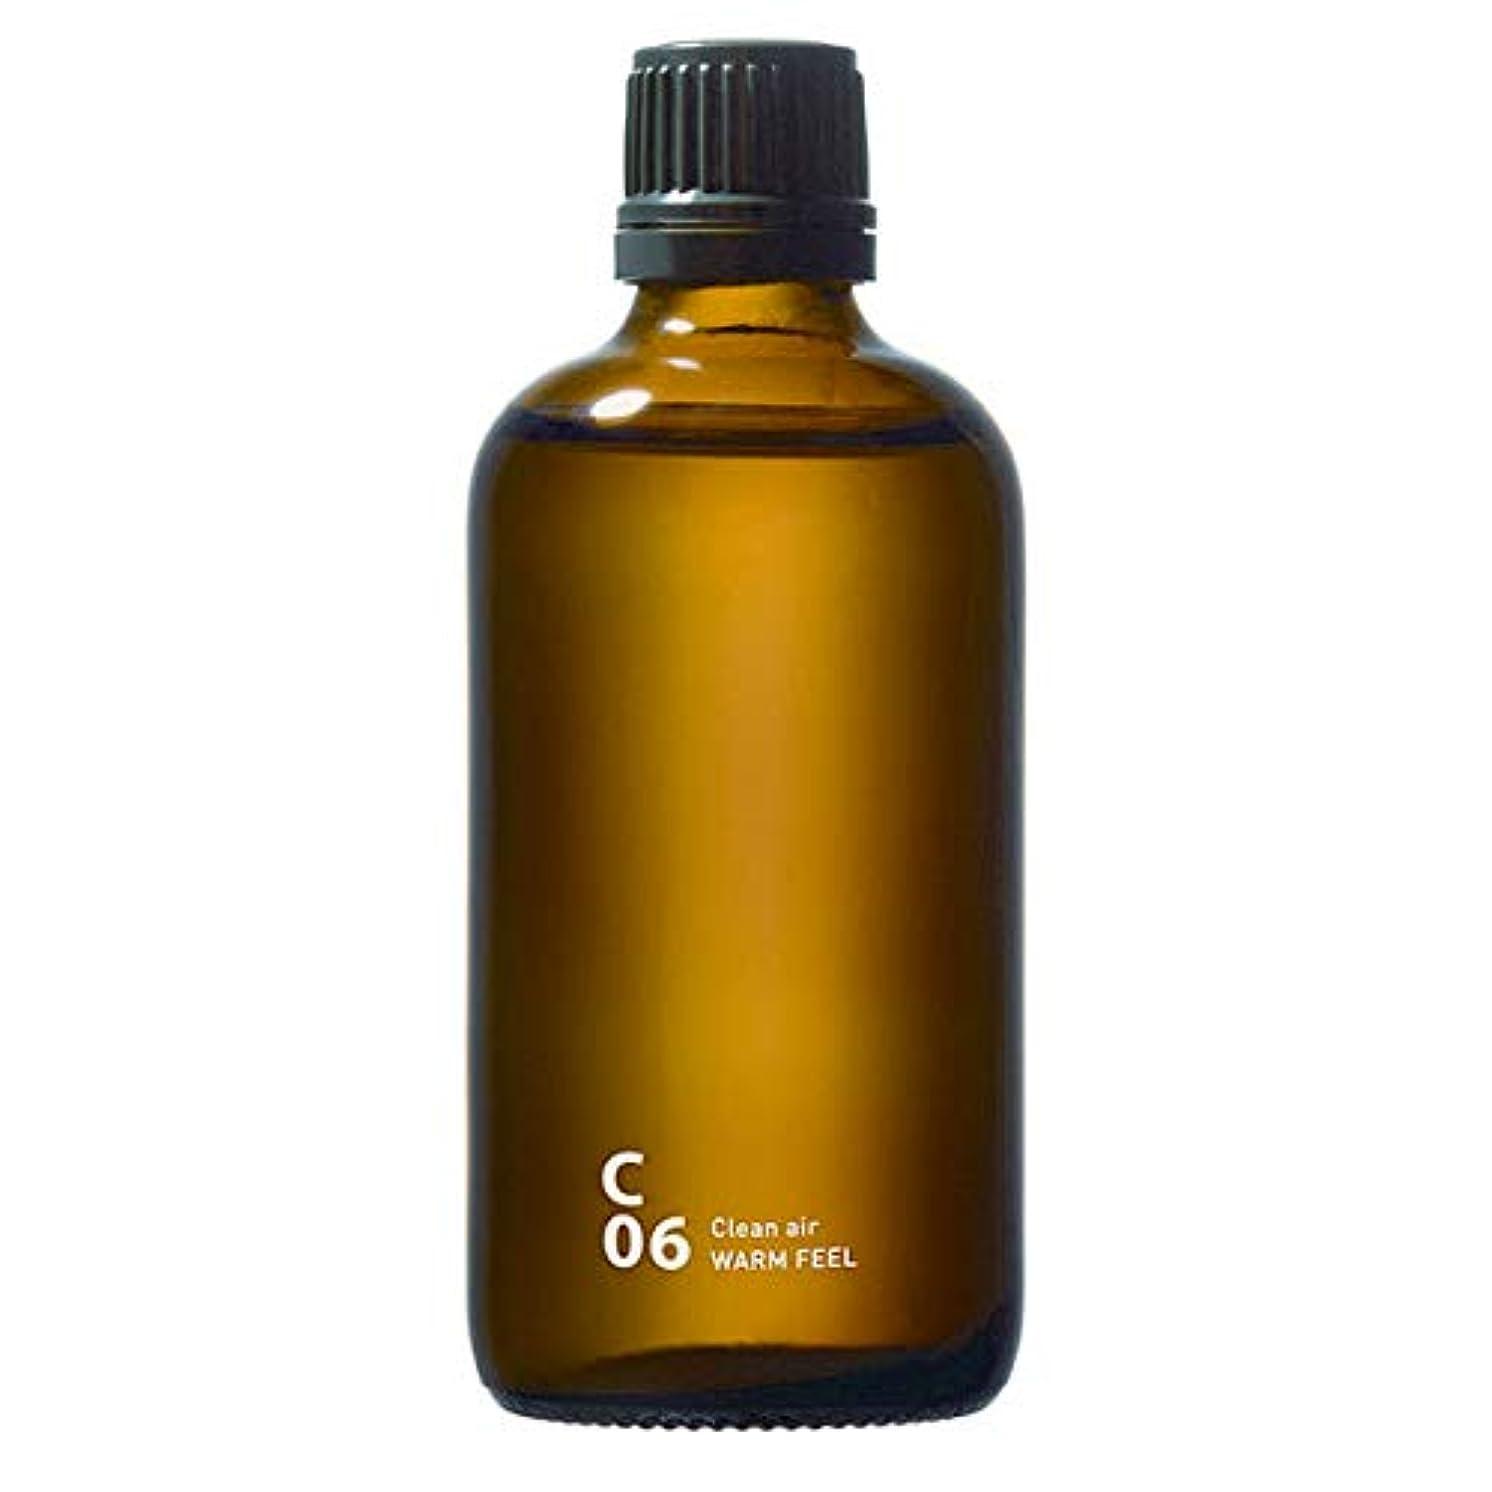 再撮り入り口通りC06 WARM FEEL piezo aroma oil 100ml